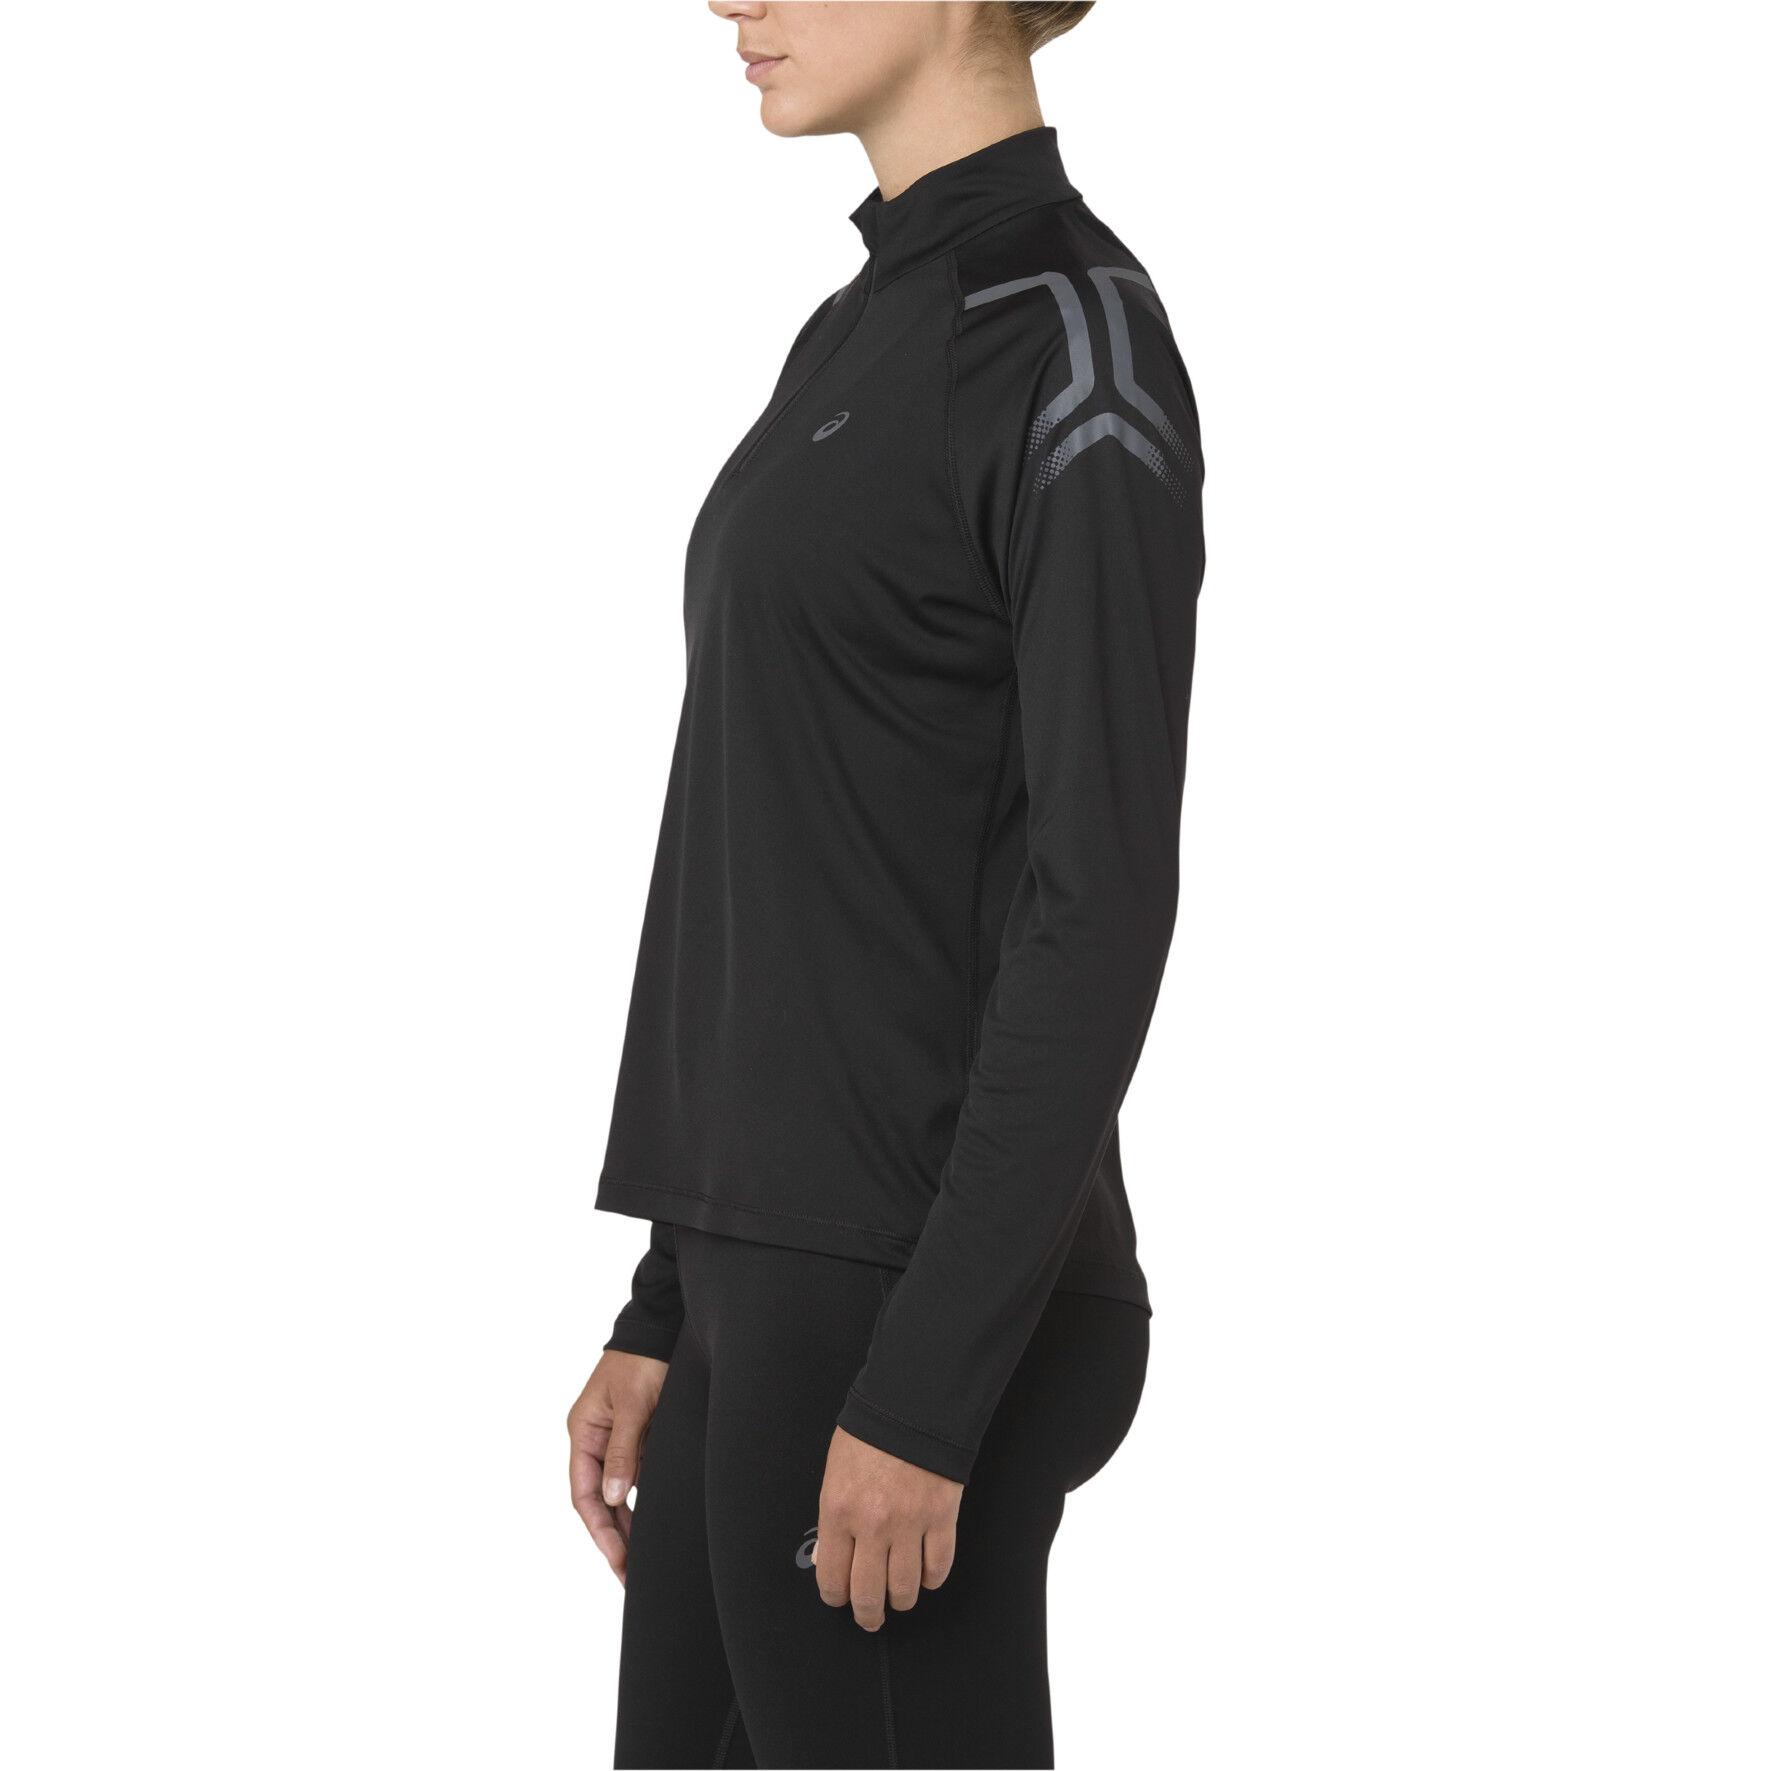 Asics Sportshirts online kaufen GALERIA Karstadt Kaufhof